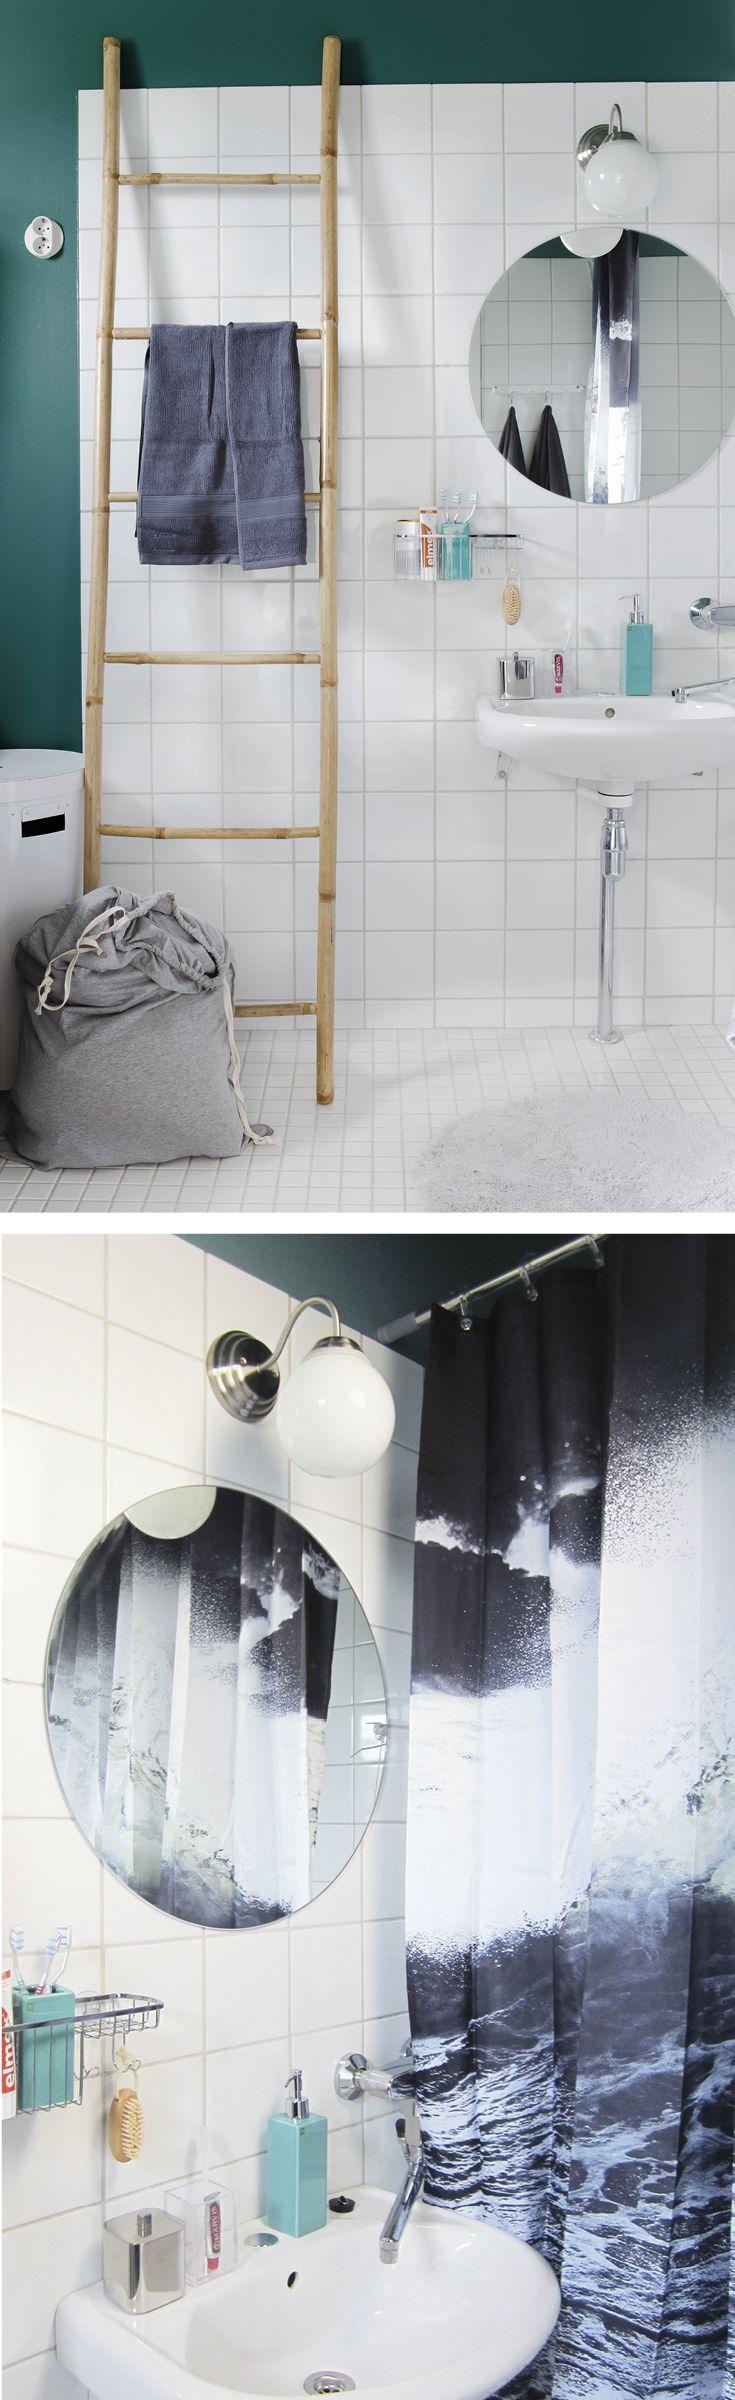 Kontrasteilla saat särmää kylpyhuoneeseen. Trooppista tunnelmaa luovat SATOn sisustusvärimalliston sävyllä S440 maalatut seinät, ByNord Wave -suihkuverho ja bambuinen tikas.